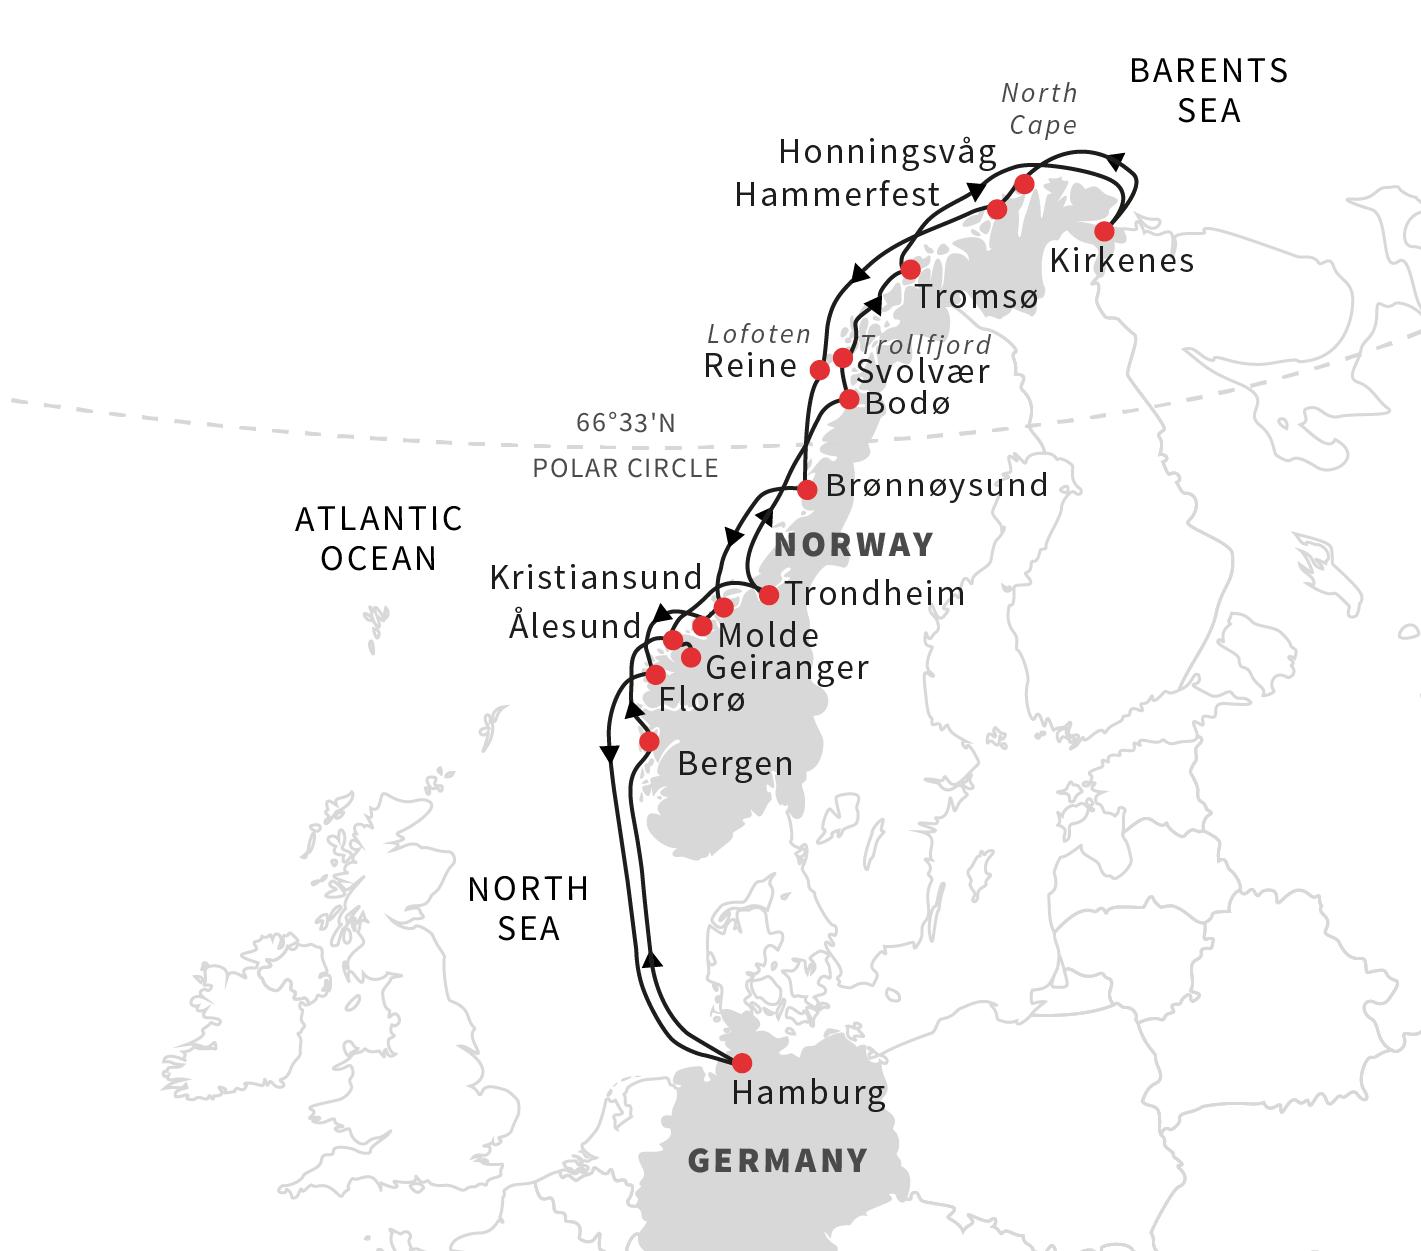 Norway Roald Amundsen S Norwegian Coastal Adventure Hurtigruten